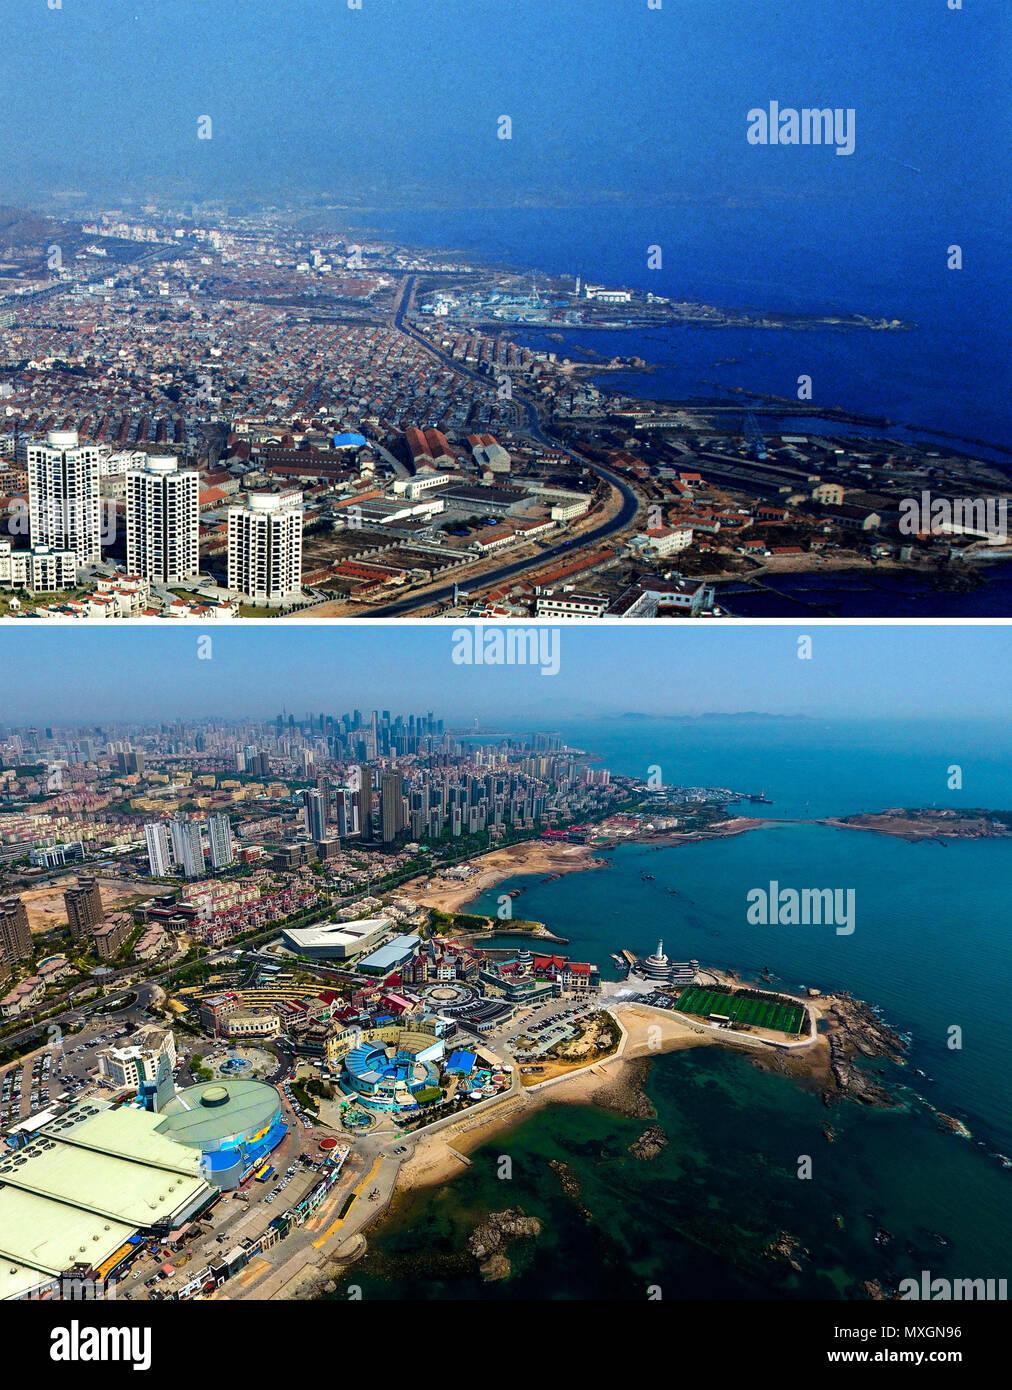 (180604) - Qingdao, 4 de junio de 2018 (Xinhua) -- combinada fotos muestran vistas aéreas de Maidao en Qingdao, Provincia de Shandong, China Oriental, adoptadas respectivamente en 1996 (superior) y el 4 de mayo de 2018. Desarrollo de la ciudad costera puede ser visto desde el archivo de fotos de Qingdao tomadas por el fotógrafo Zhang Yan en un helicóptero desde 1996 y las nuevas tomadas por aviones teledirigidos. Qingdao, como una de las primeras ciudades chinas a abrir, fue un puerto importante para la correa y la carretera, y que la gente pudo percibir la extensa, profunda de la cultura local y la vitalidad de la reforma y la apertura de China. (Xinhua/Zhang Yan, Li Foto de stock